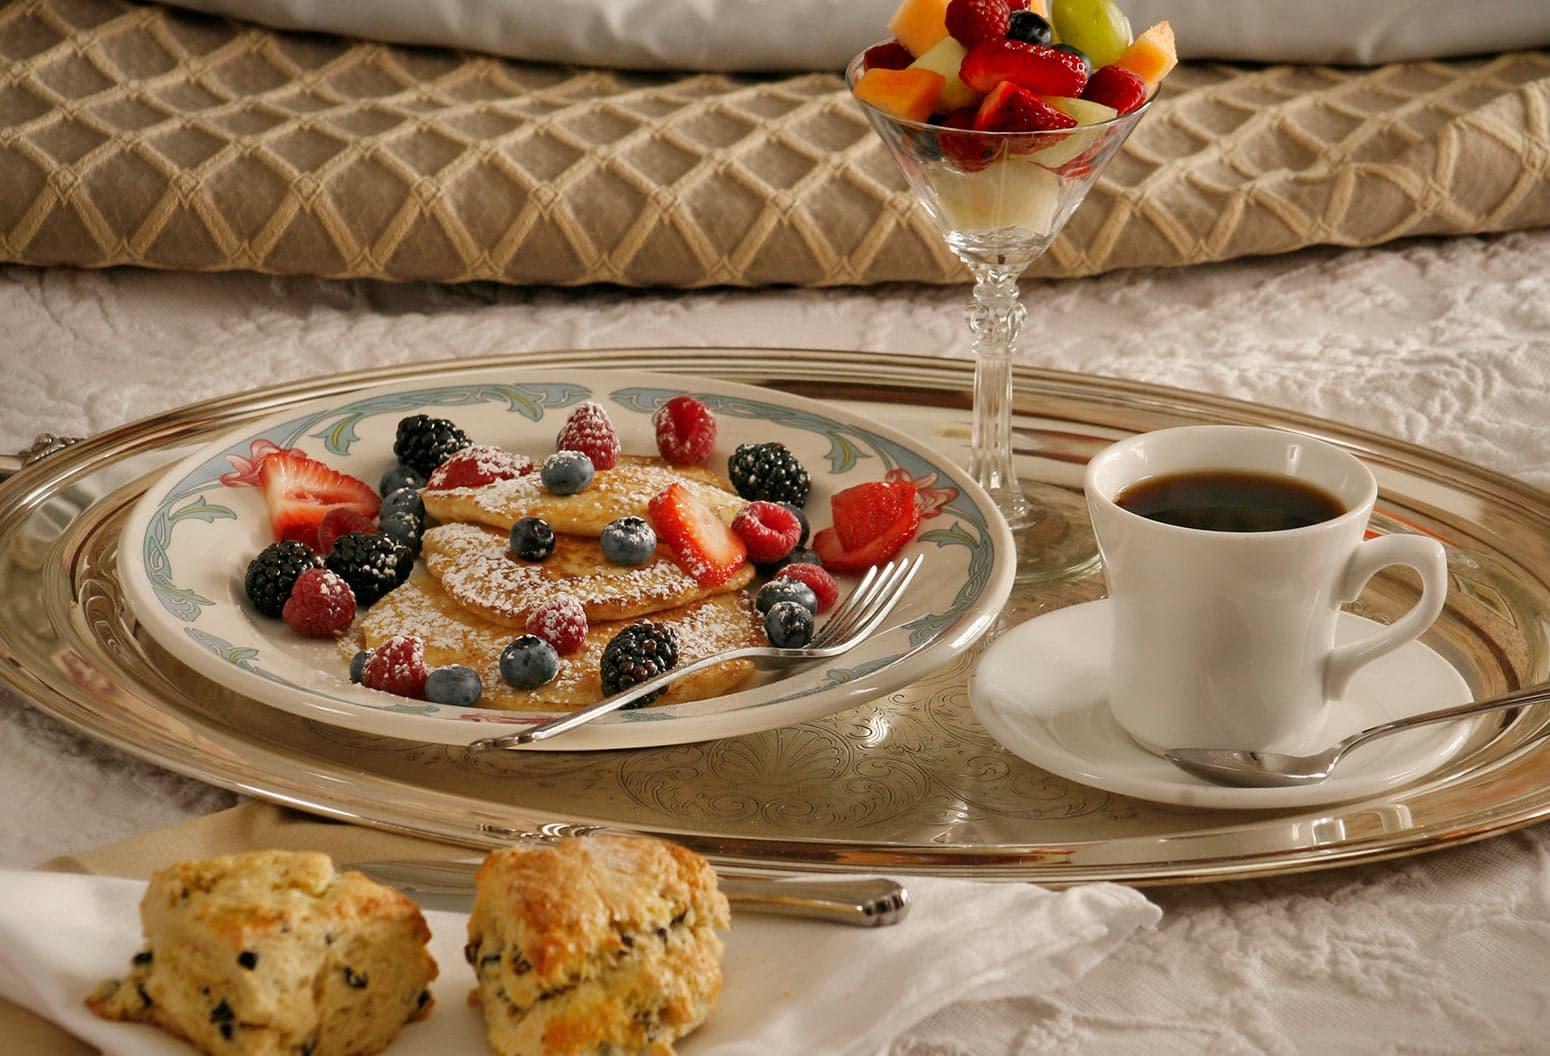 Breakfast in Bed, fresh fruit, coffee, etc.